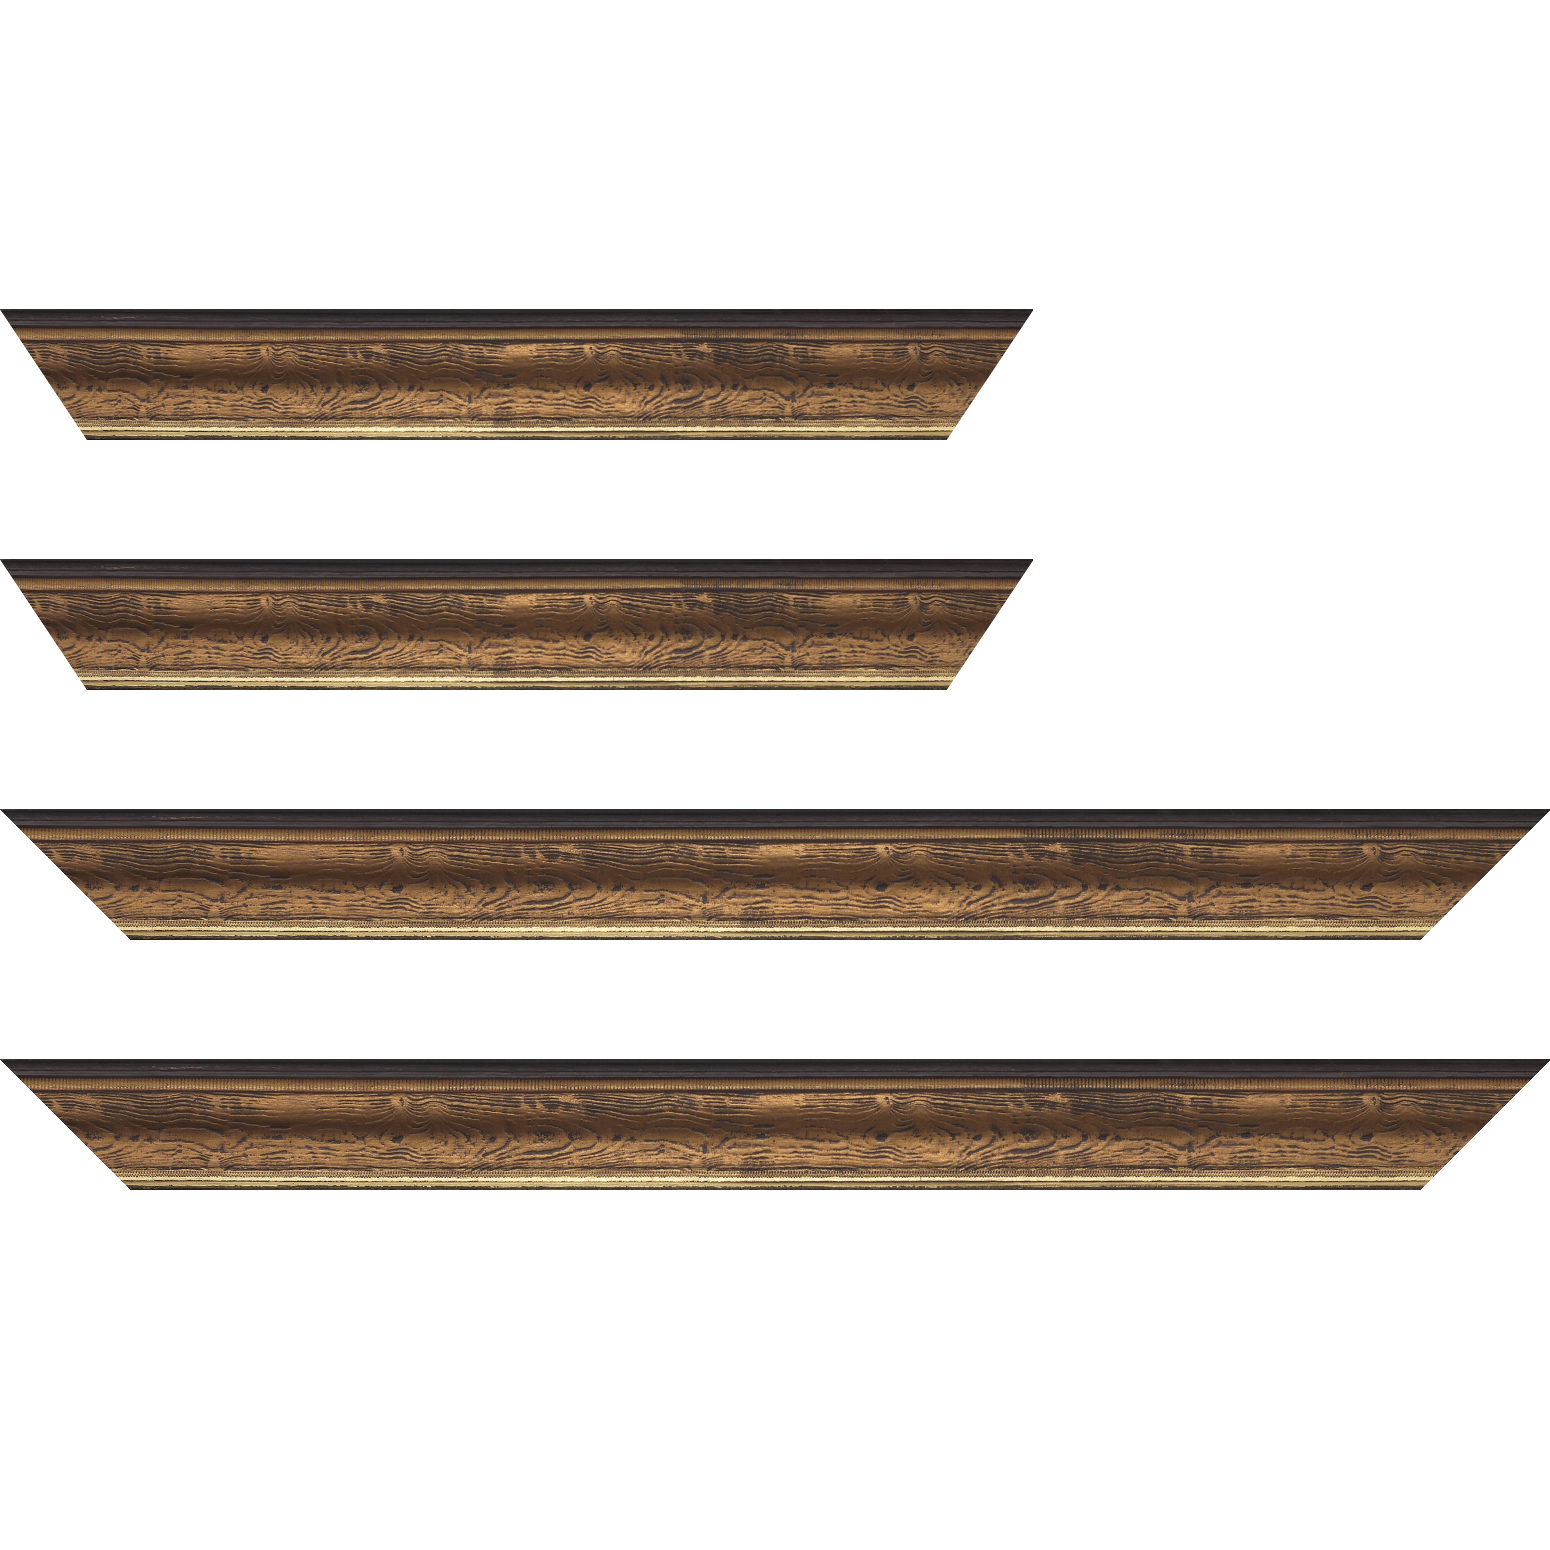 Baguette service précoupé Bois incurvé profil incurvé largeur 4.1cm couleur marron cuivré aspect veiné liseret or